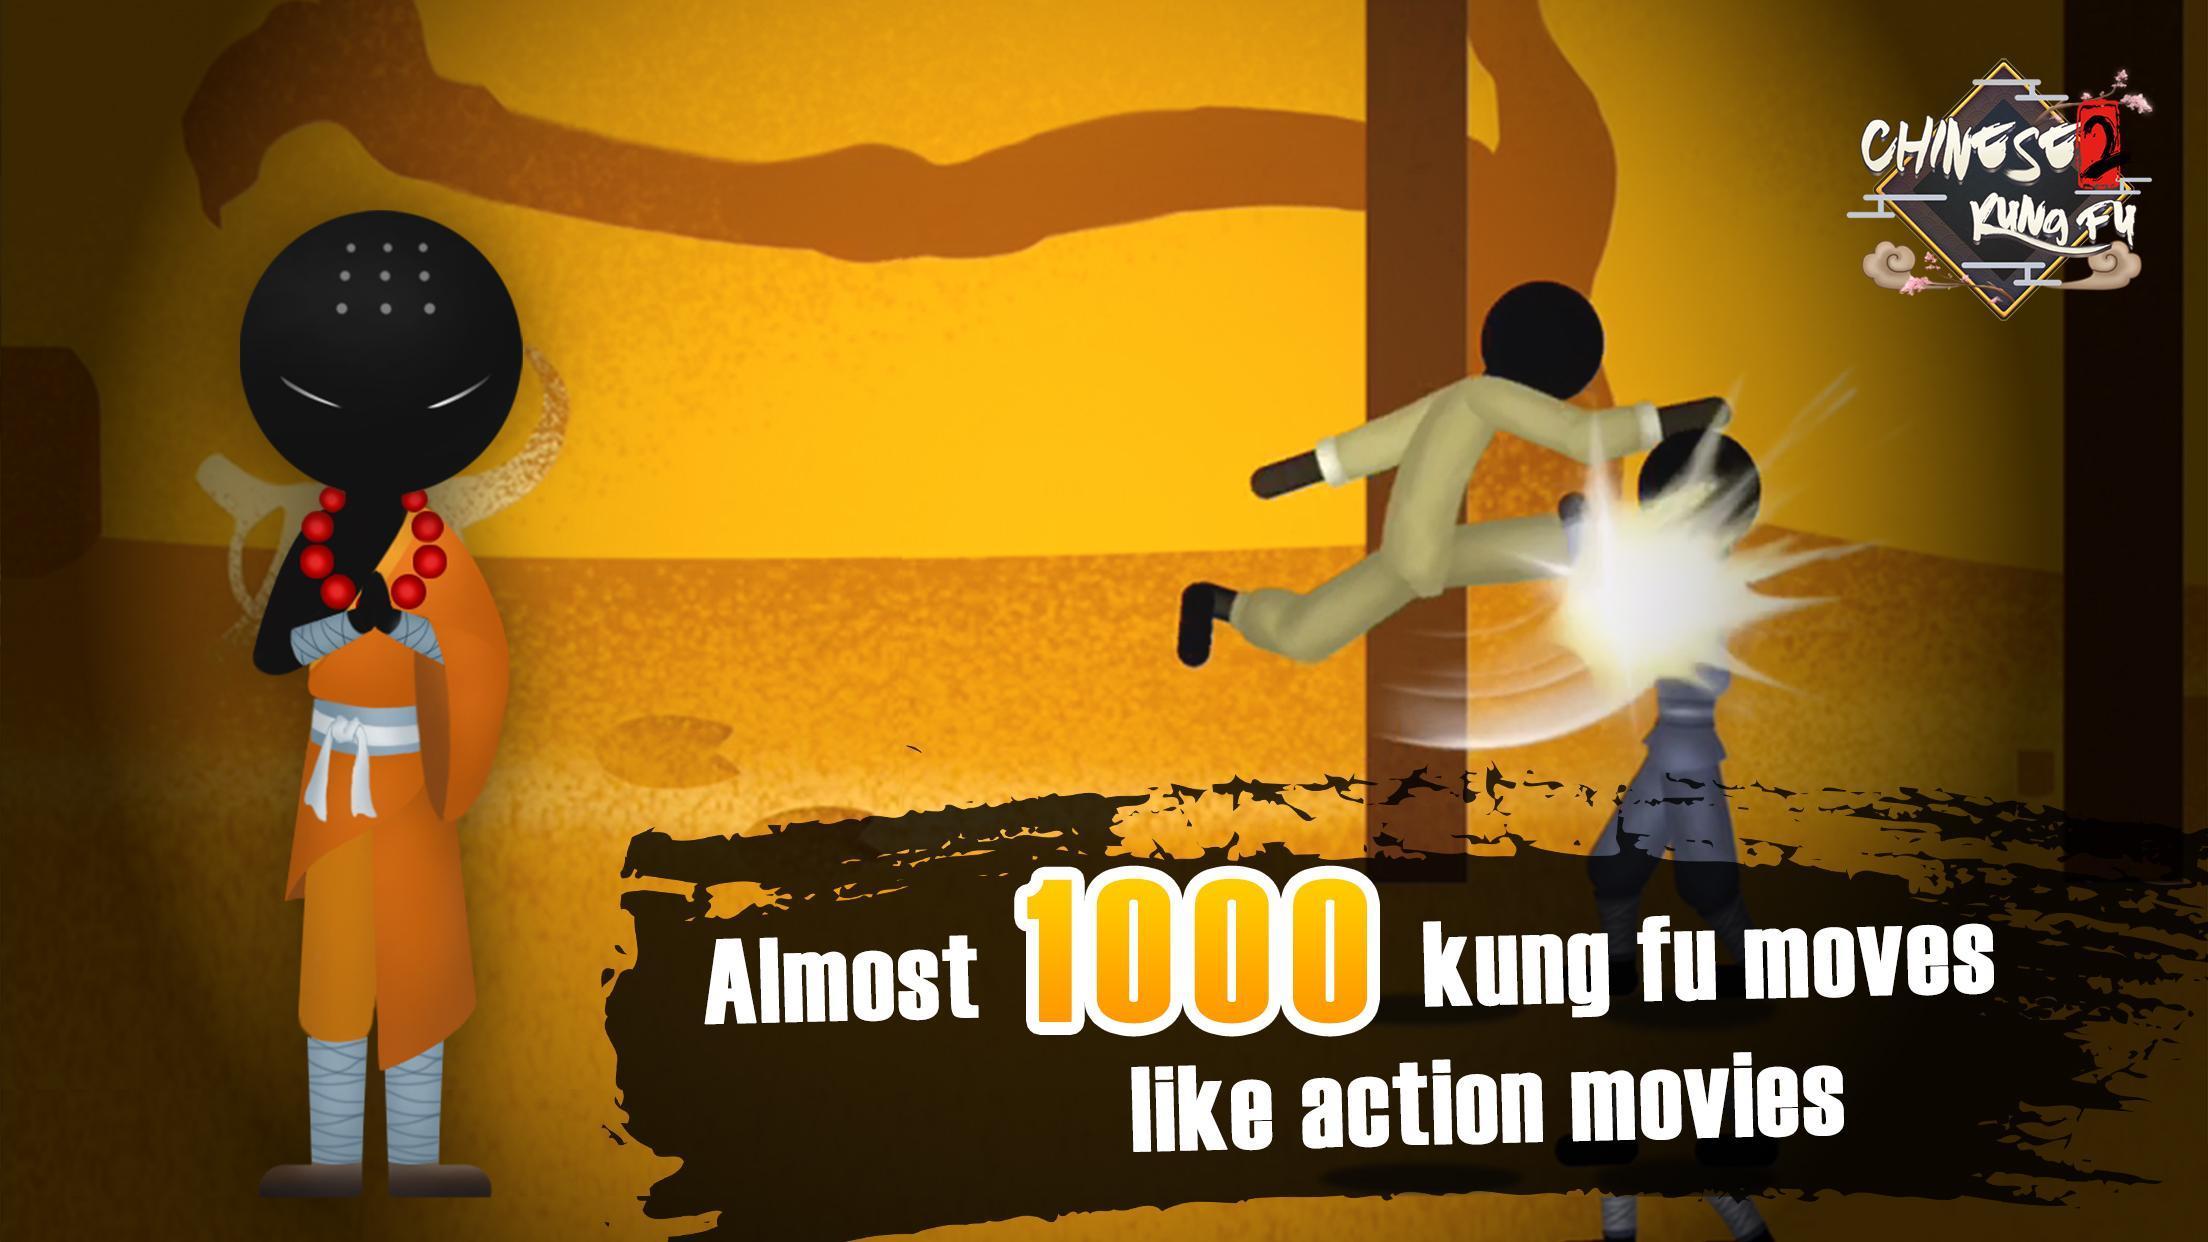 Chinese Kungfu 3.2.1 Screenshot 10